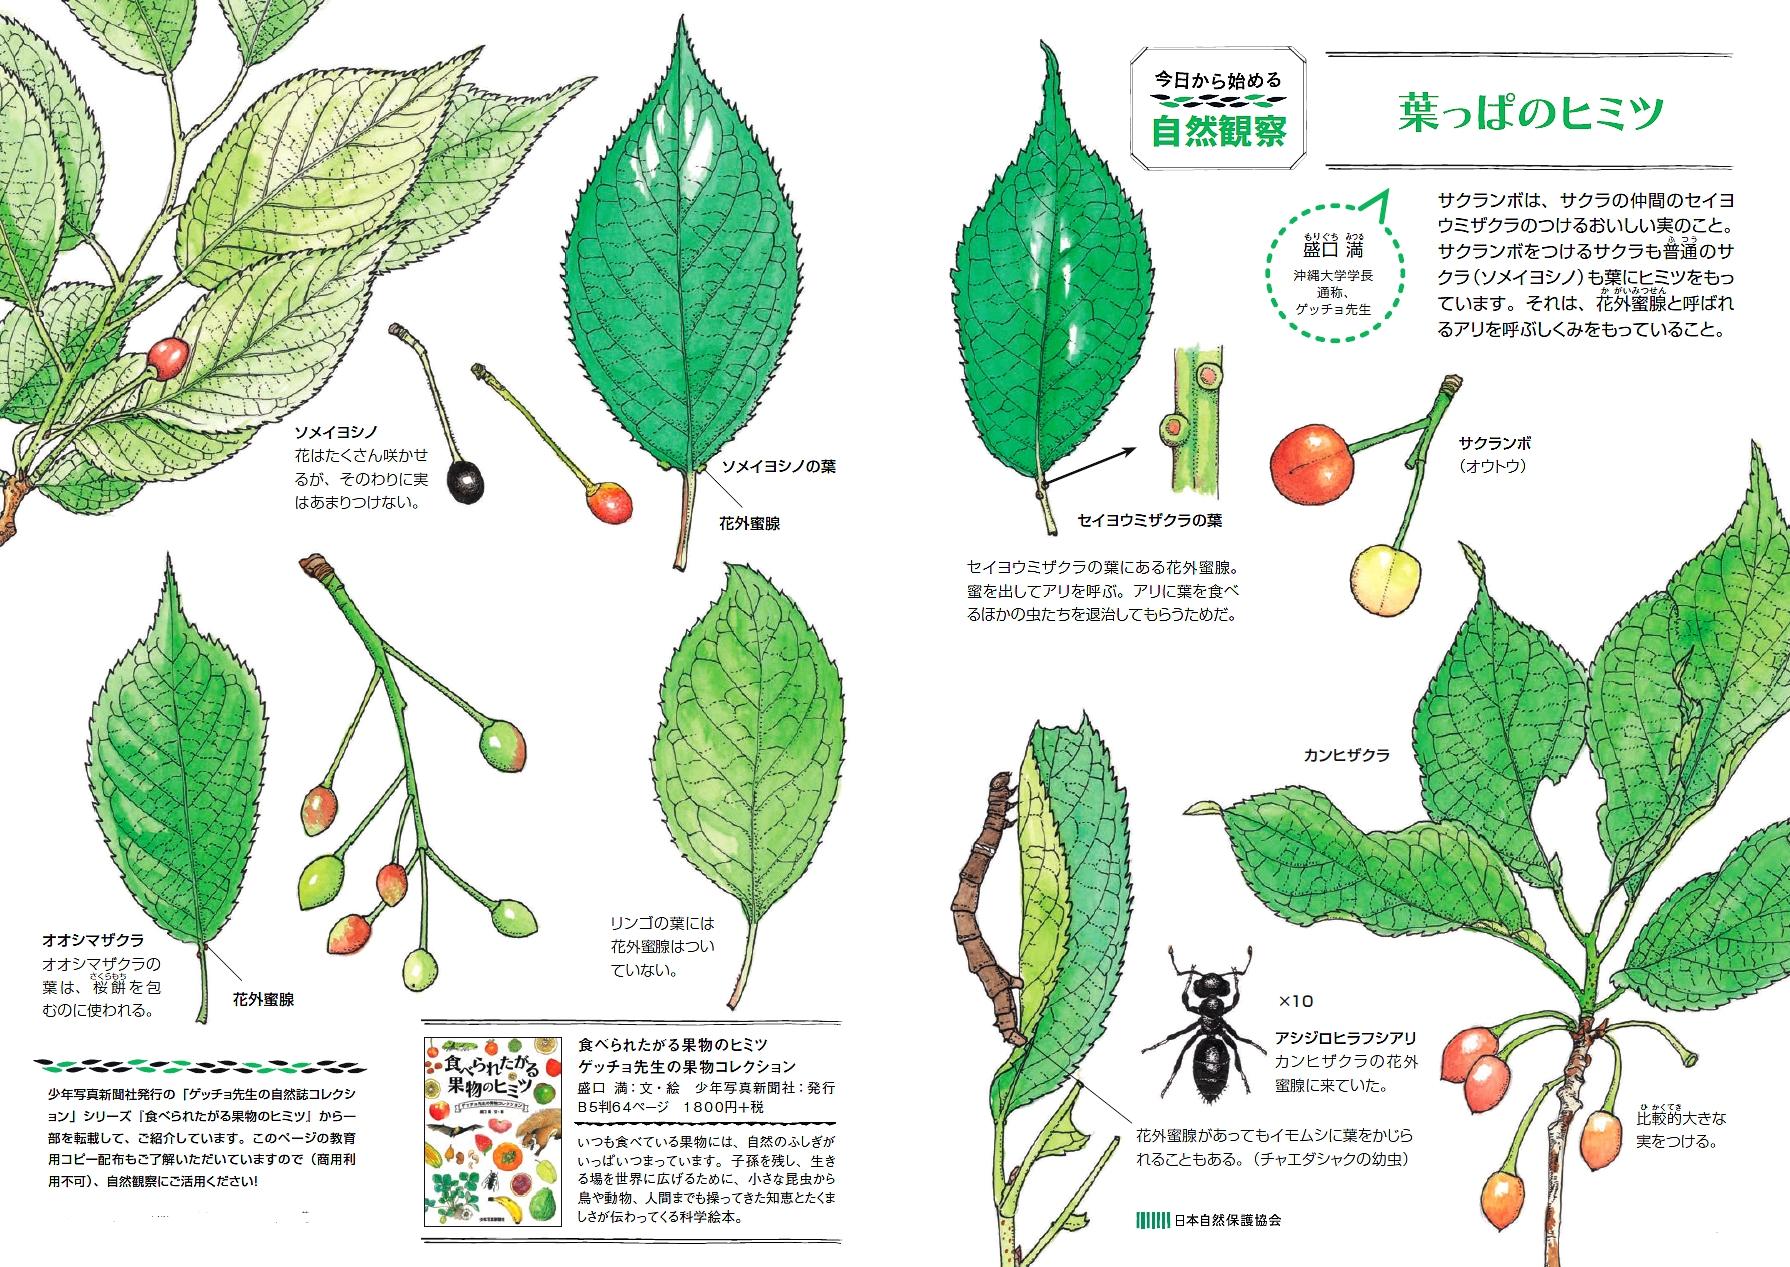 セイヨウザクラの葉、ソメイヨシノの葉など各種葉っぱの絵と説明